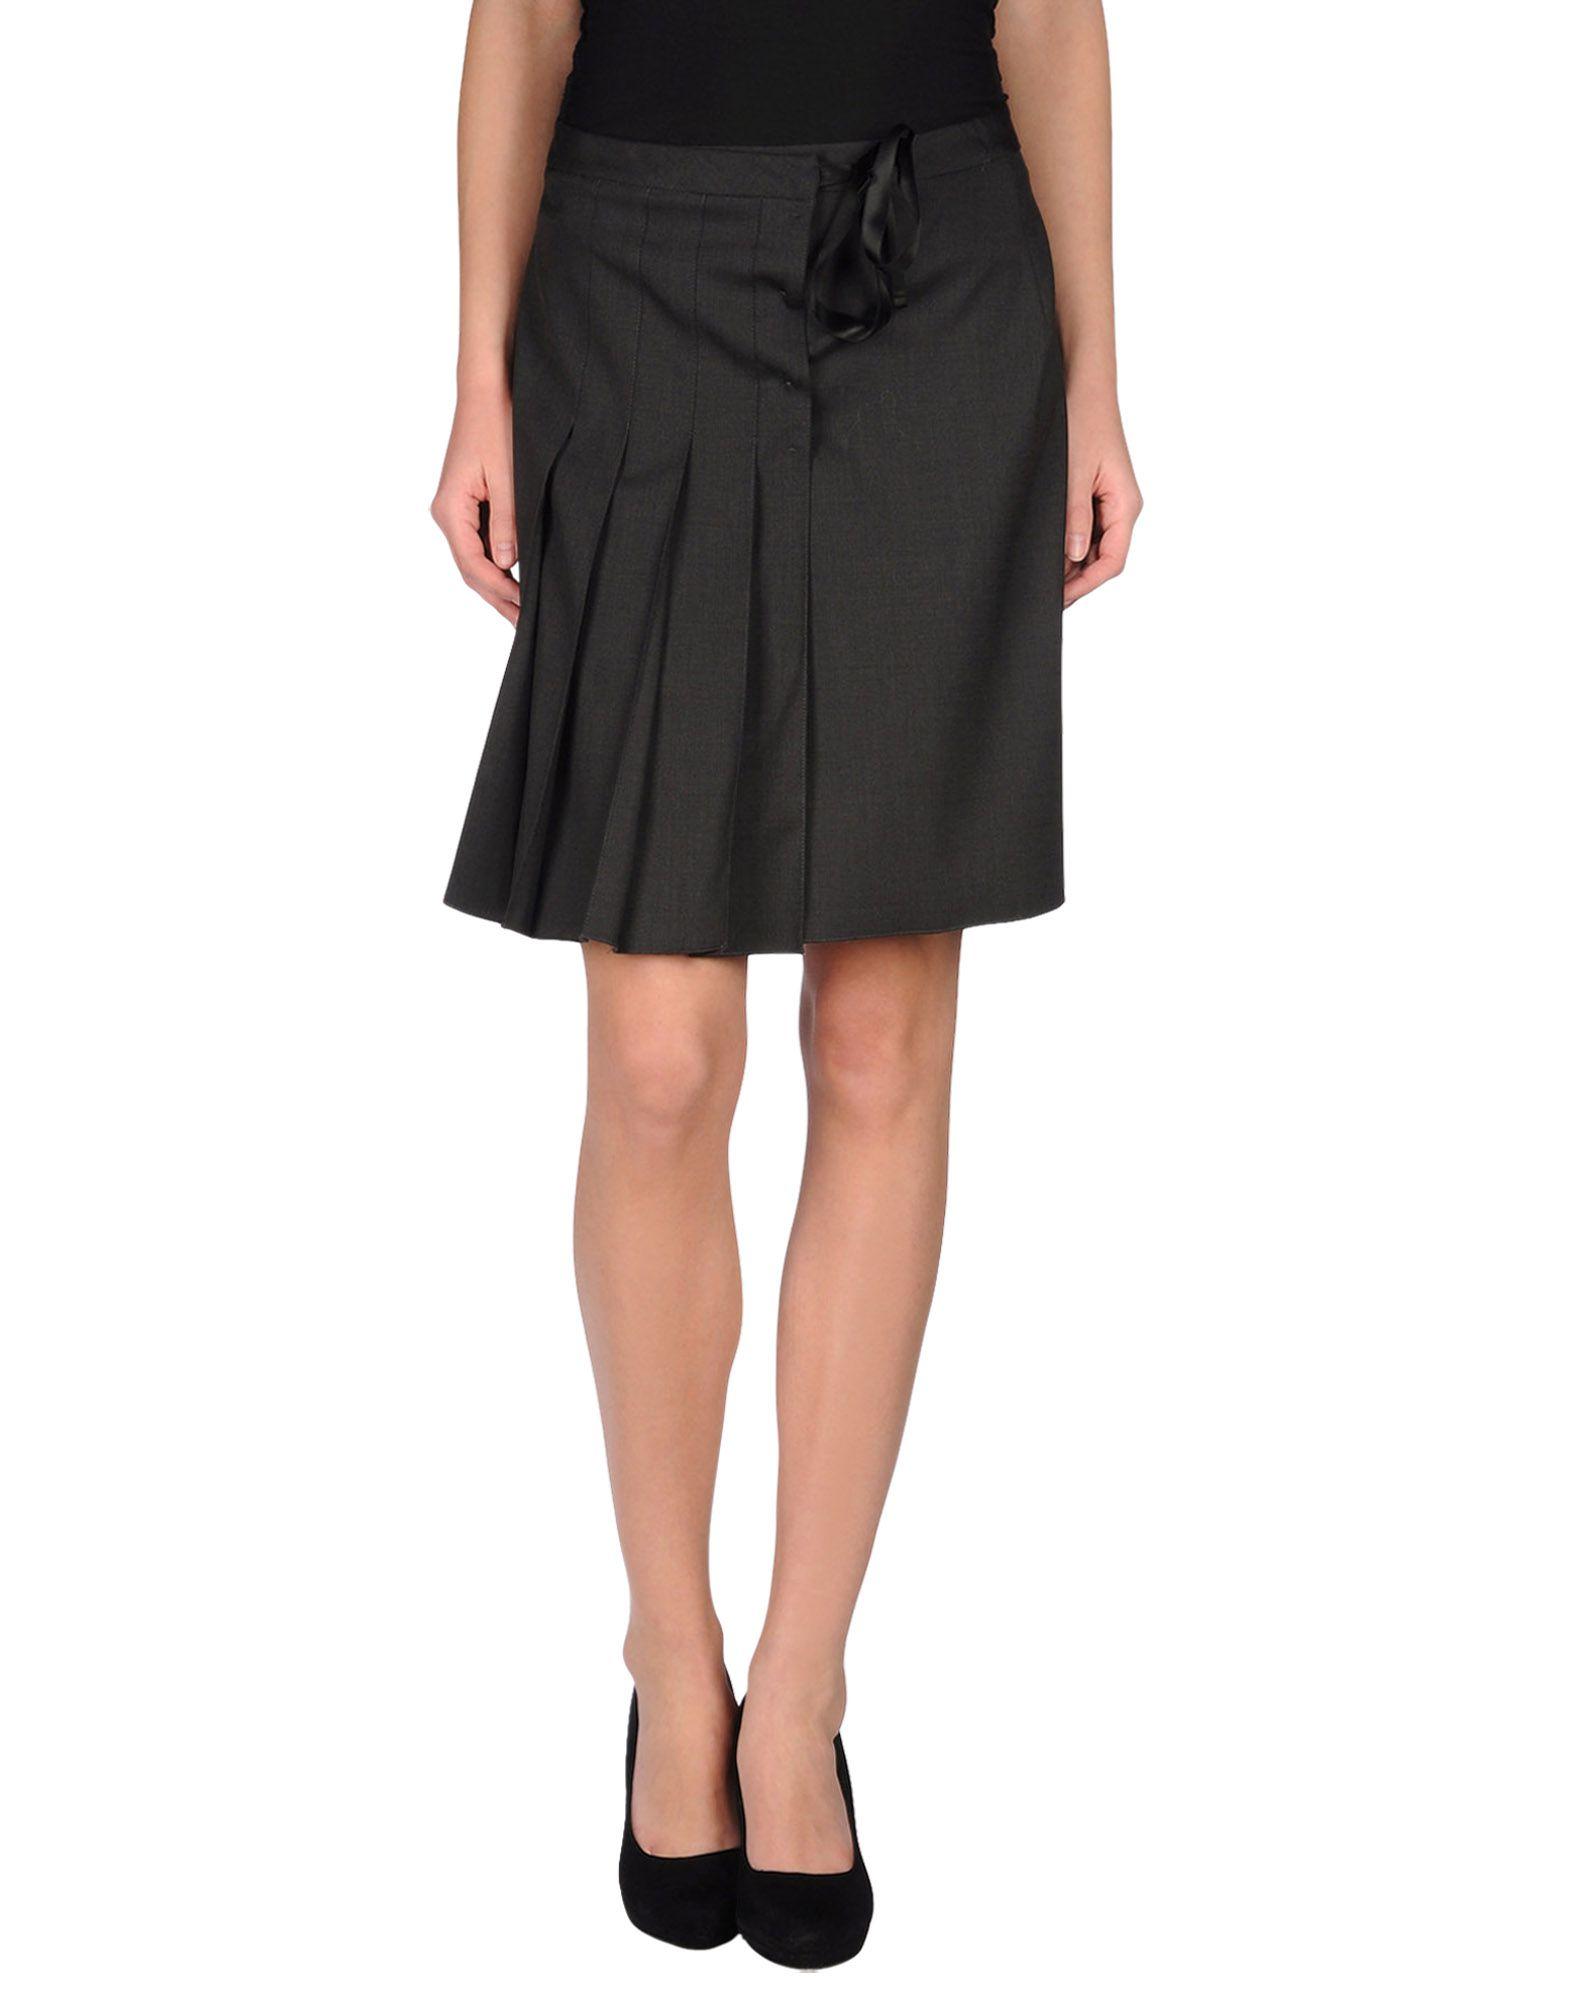 jil sander navy knee length skirt in gray lyst